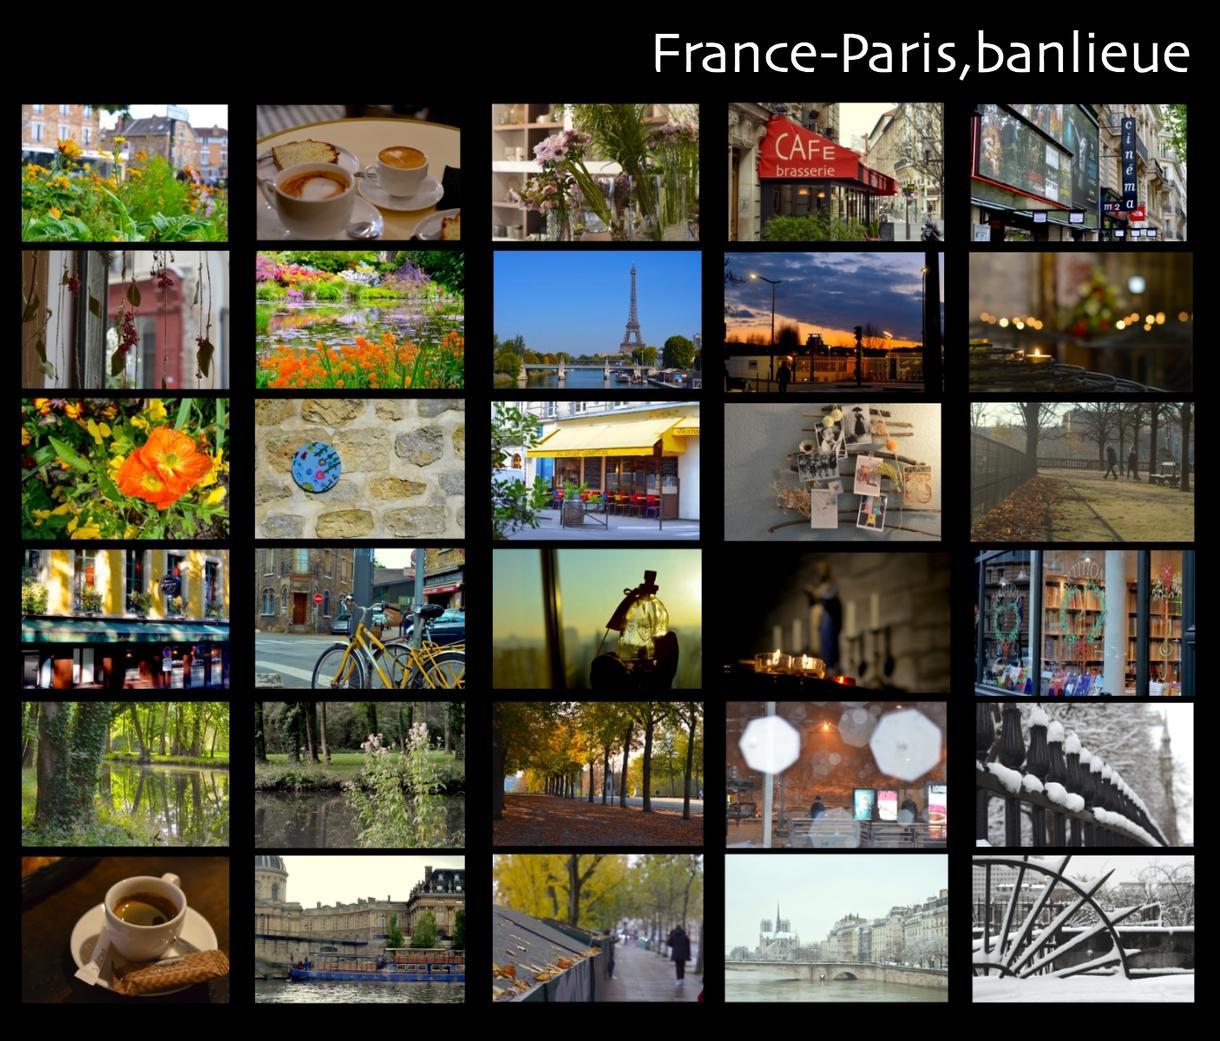 世界の写真素材をフリーで100枚提供します 街並み・自然写真など。商用利用可能です